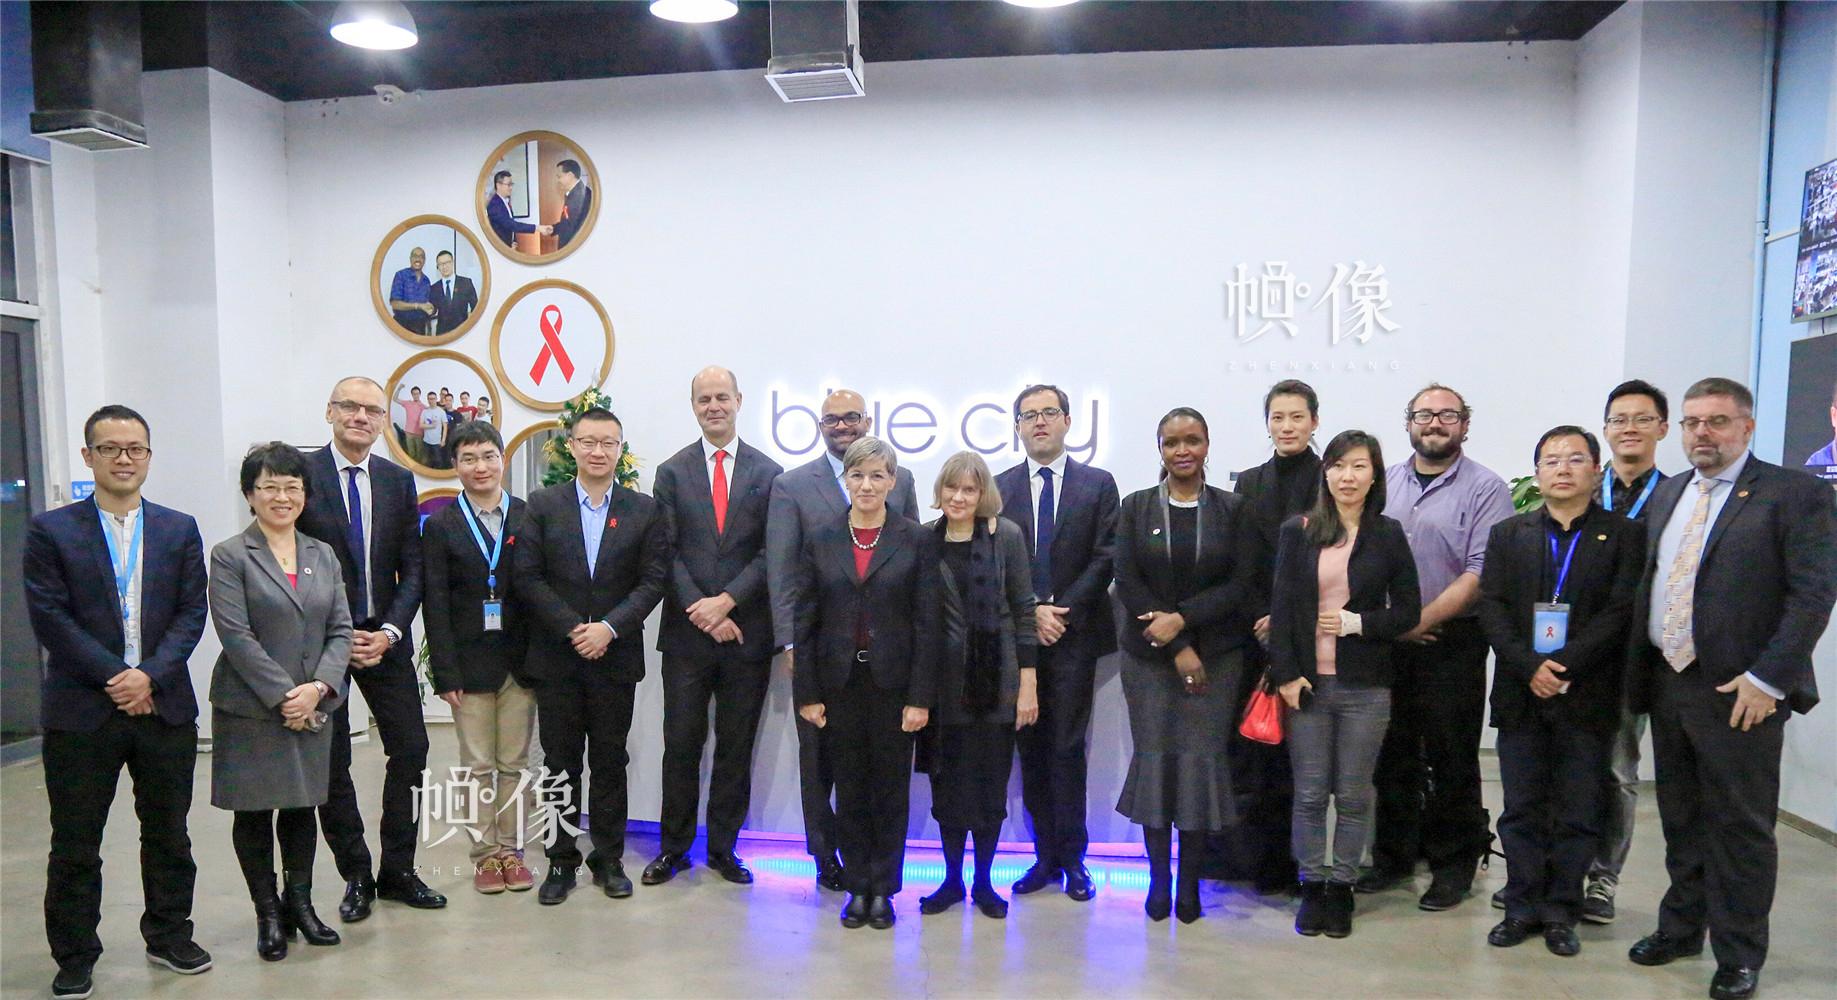 """2017年11月,在国家卫计委、科技部主办的艾滋病防治国际研讨会上,联合国艾滋病规划署快速通道执行司司长Tim Martineau在主旨发言中盛赞了Blued在艾滋病防治中取得的""""杰出成就"""",并倡导全球应在""""互联网+艾滋病防治""""方面向中国学习,相关部委领导出席会议并致辞。图为Tim一行十余位国际防艾专家到访Blued公司。Blued 供图"""